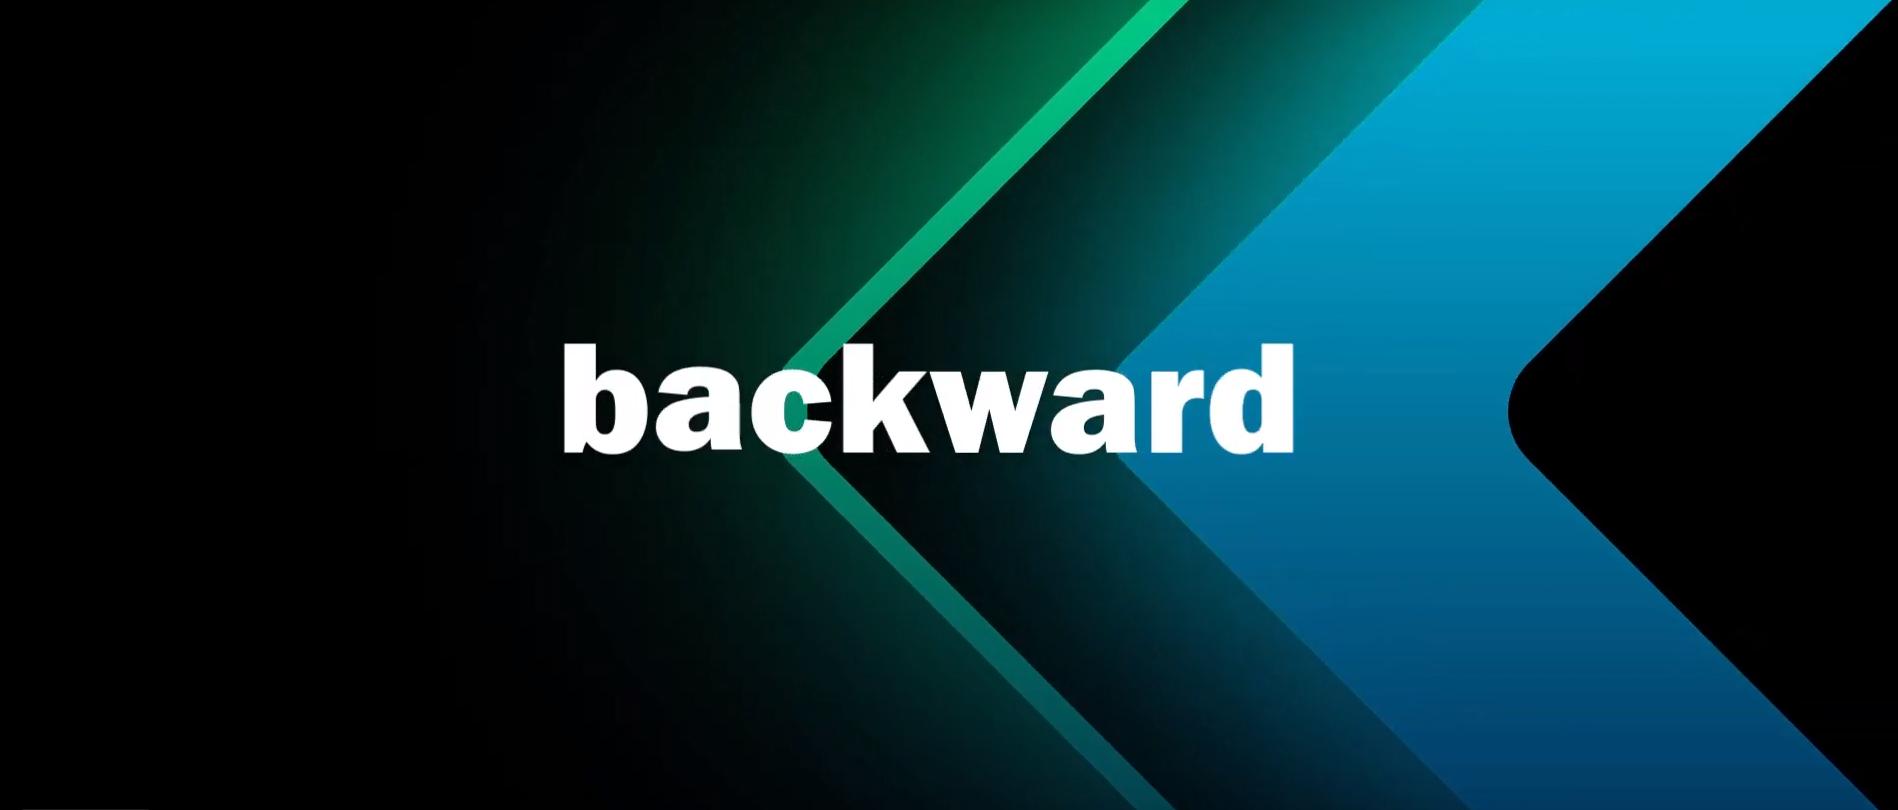 backward image à la une